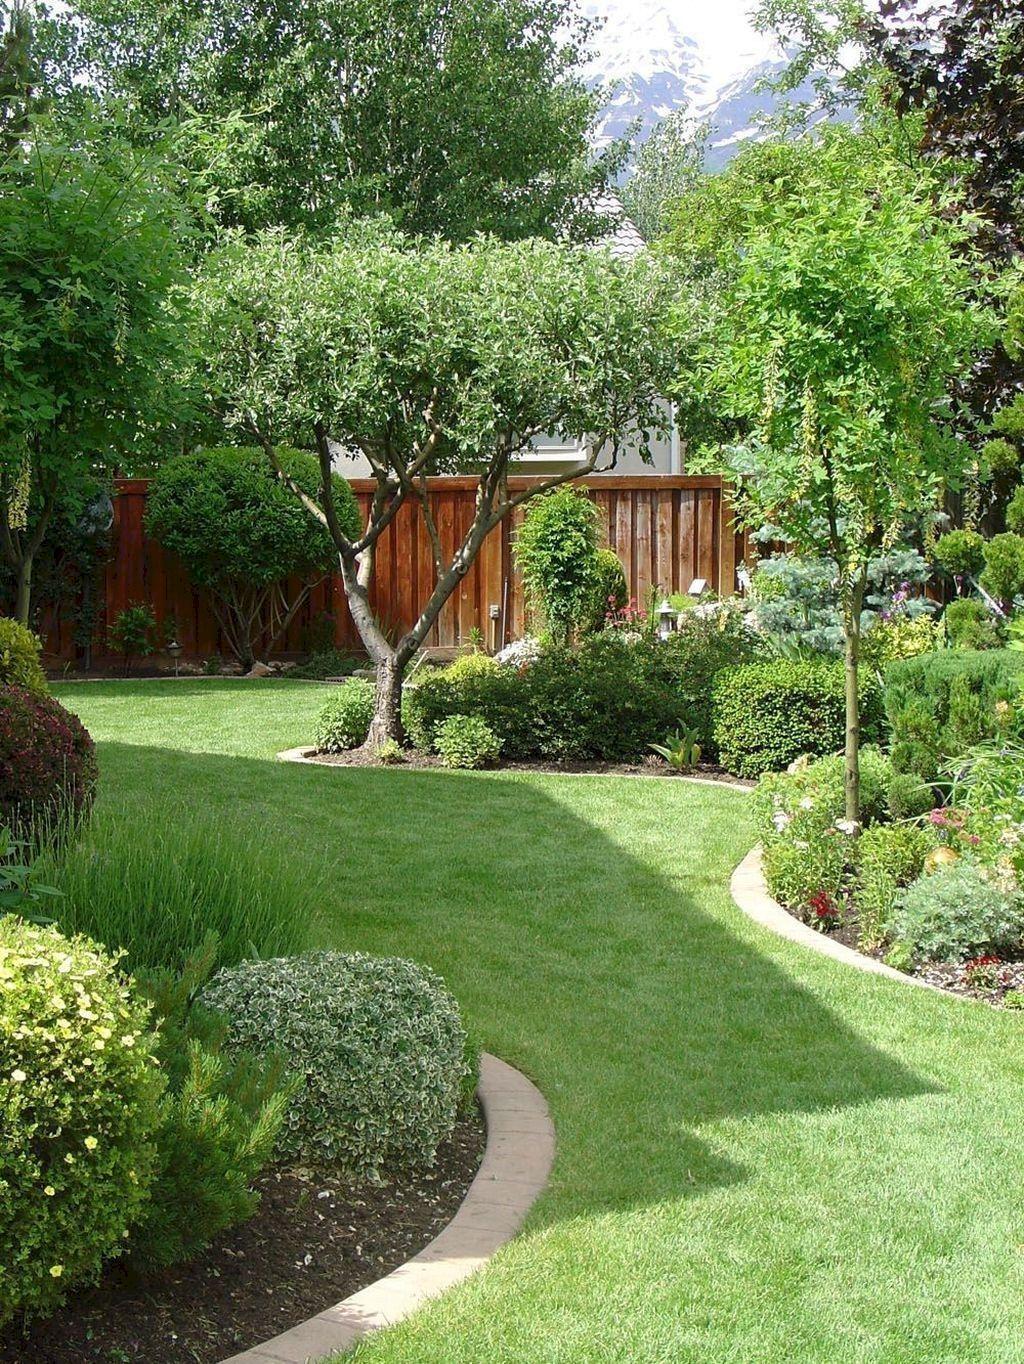 59 Small Backyard Garden Landscaping Ideas Covered Patio